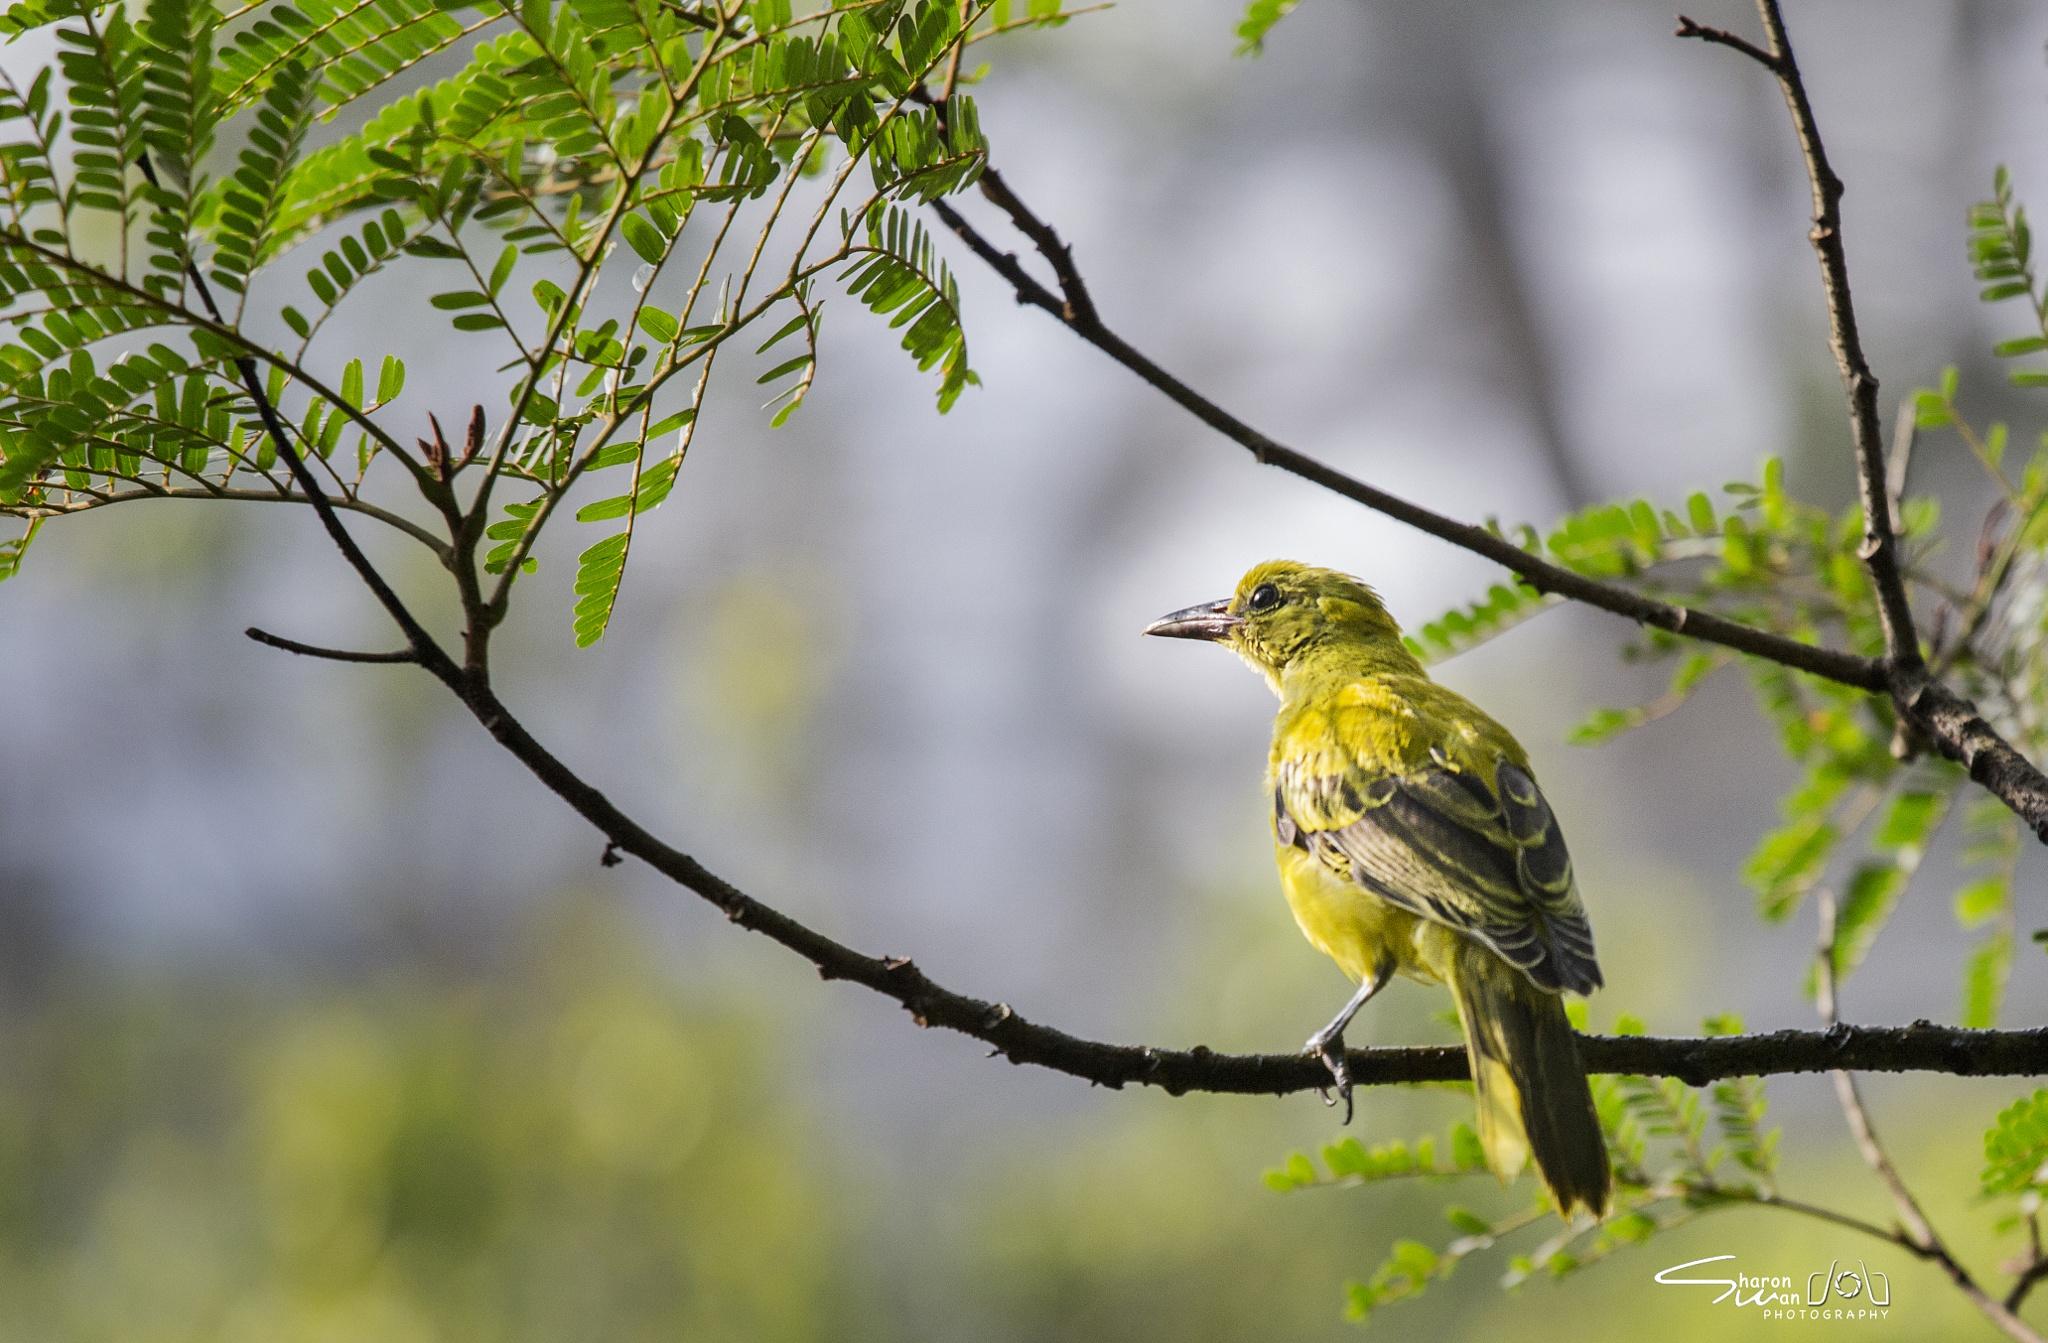 Bird by Sharon Wan